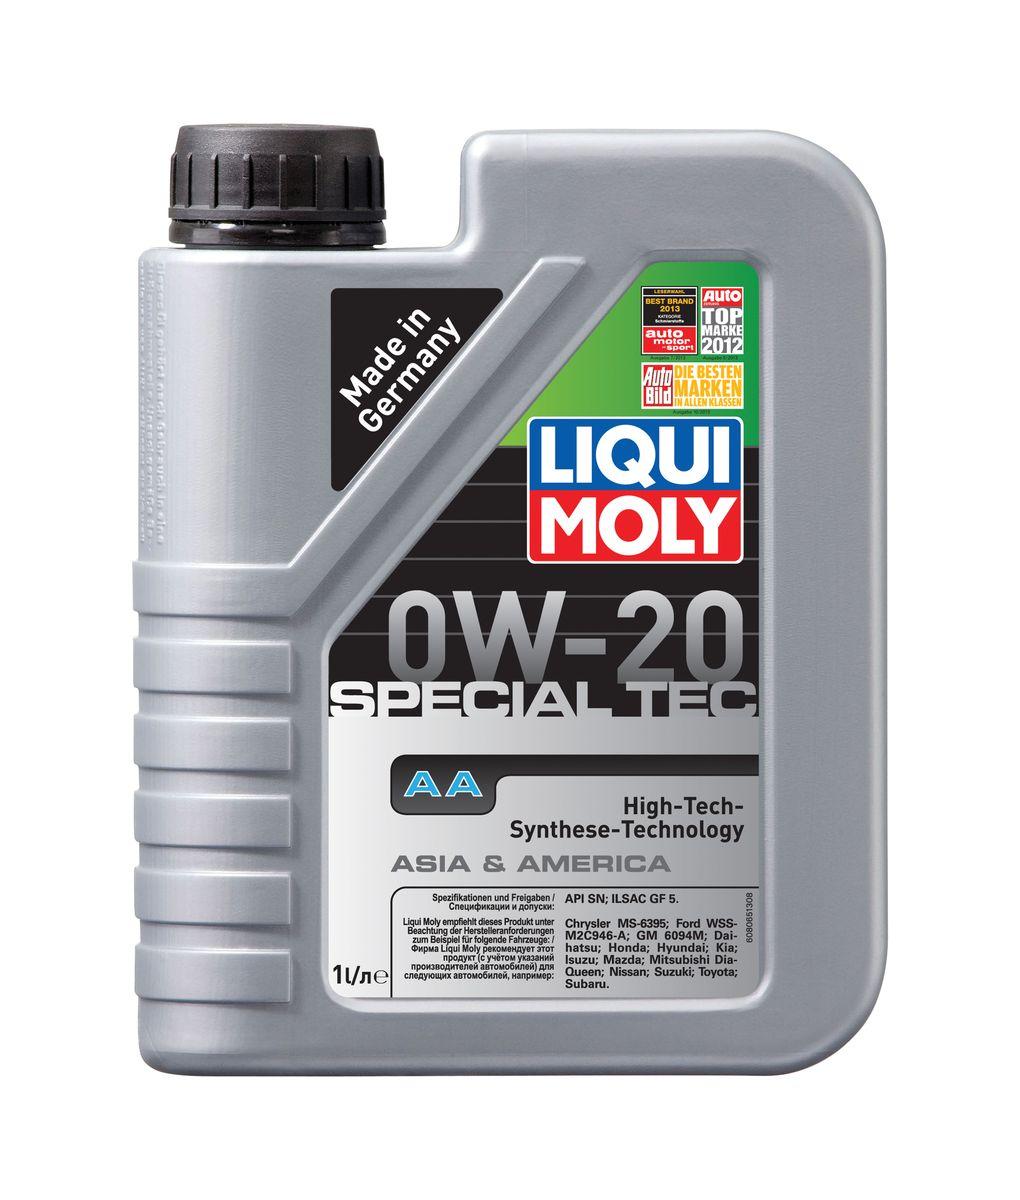 Масло моторное Liqui Moly Special Tec AA, НС-синтетическое, 0W-20, 1 лкн12-60авцМасло моторное Liqui Moly Special Tec AA рекомендуется для автомобилей Honda, Mazda, Mitsubishi, Nissan, Daihatsu, Hyundai, Kia, Isuzu, Suzuki, Toyota, Subaru, Ford, Chrysler, GM. Современное HC-синтетическое энергосберегающее моторное масло специально предназначено для всесезонного использования в двигателях американских и азиатских автомобилей. Благодаря отличным низкотемпературным свойствам в соответствии с классом вязкости 0W-20 данное масло отлично подходит для новейших двигателей Honda и гибридных автомобилей концерна Toyota, произведенных для японского и американского рынков. Базовые масла, полученные по технологии синтеза, и новейшие присадки составляют рецептуру моторного масла с отменной защитой от износа, снижающего расход топлива и масла, обеспечивающего чистоту двигателя и максимально быстрое поступление к трущимся деталям. Особенности: - Отличные пусковые свойства в мороз- Быстрое поступление масла ко всем деталям двигателя при низких температурах- Высочайшие показатели топливной экономии- Сокращает эмиссию выхлопных газов- Отличная чистота двигателя- Совместимо с новейшими системами нейтрализации отработавших газов бензиновых двигателейДопуск: -API: SN-ILSAC: GF-5Соответствие: -Chrysler: MS-6395-Ford: WSS-M2C946-A-GM: 6094 M-Daihatsu: Daihatsu-Honda: Honda-Hyundai: Hyundai-Kia: Kia-Isuzu: Isuzu-Mazda: Mazda-Mitsubishi: Mitsubishi-Nissan: Nissan-Suzuki: Suzuki-Toyota: Toyota-Subaru: Subaru